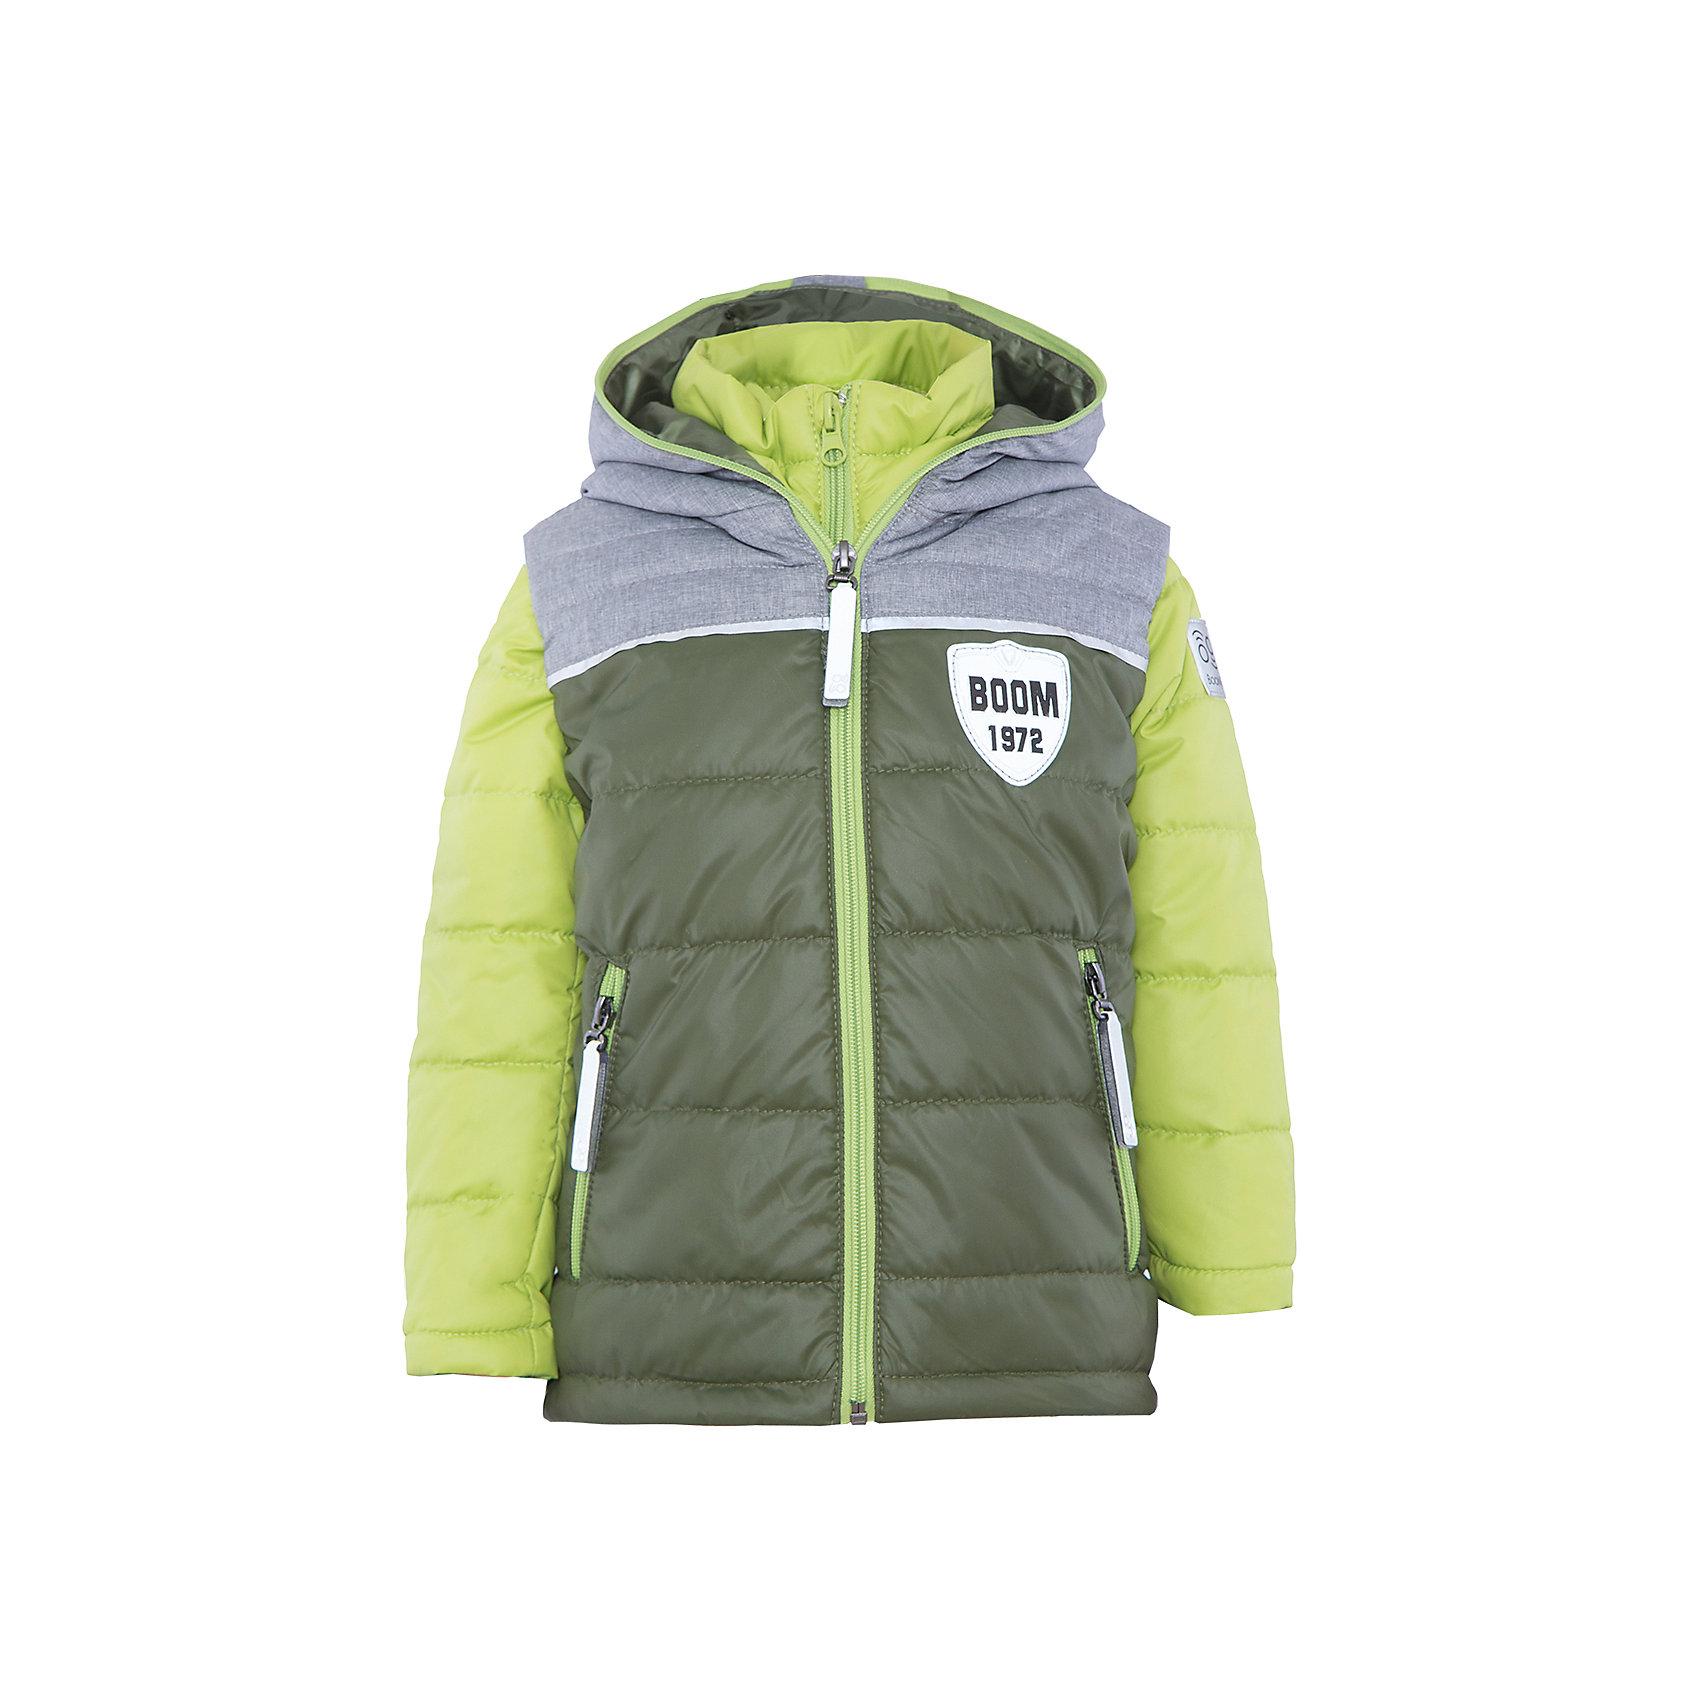 Куртка для мальчика BOOM by OrbyВерхняя одежда<br>Характеристики товара:<br><br>• цвет: зеленый/салатовый<br>• состав: 100% полиэстер<br>• курточка: верх - болонь, подкладка - поликоттон, полиэстер, утеплитель: Flexy Fiber 100 г/м2<br>• жилет: верх - таффета, подкладка - полиэстер, утеплитель: Flexy Fiber 100 г/м2<br>• комплектация: куртка, жилет<br>• температурный режим: от +15°до +5°С <br>• капюшон (не отстегивается)<br>• воротник-стойка<br>• застежка - молния<br>• модель-трансформер<br>• стеганая<br>• комфортная посадка<br>• страна производства: Российская Федерация<br>• страна бренда: Российская Федерация<br>• коллекция: весна-лето 2017<br><br>Куртка-трансформер с жилетом - универсальный вариант для межсезонья с постоянно меняющейся погодой. Эта модель - модная и удобная одновременно! Изделие отличается стильным ярким дизайном. Куртка хорошо сидит по фигуре, отлично сочетается с различным низом. Вещь была разработана специально для детей.<br><br>Одежда от российского бренда BOOM by Orby уже завоевала популярностью у многих детей и их родителей. Вещи, выпускаемые компанией, качественные, продуманные и очень удобные. Для производства коллекций используются только безопасные для детей материалы. Спешите приобрести модели из новой коллекции Весна-лето 2017! <br><br>Куртку для мальчика от бренда BOOM by Orby можно купить в нашем интернет-магазине.<br><br>Ширина мм: 356<br>Глубина мм: 10<br>Высота мм: 245<br>Вес г: 519<br>Цвет: зеленый<br>Возраст от месяцев: 24<br>Возраст до месяцев: 36<br>Пол: Мужской<br>Возраст: Детский<br>Размер: 158,104,110,116,122,128,134,140,146,152,98<br>SKU: 5343454